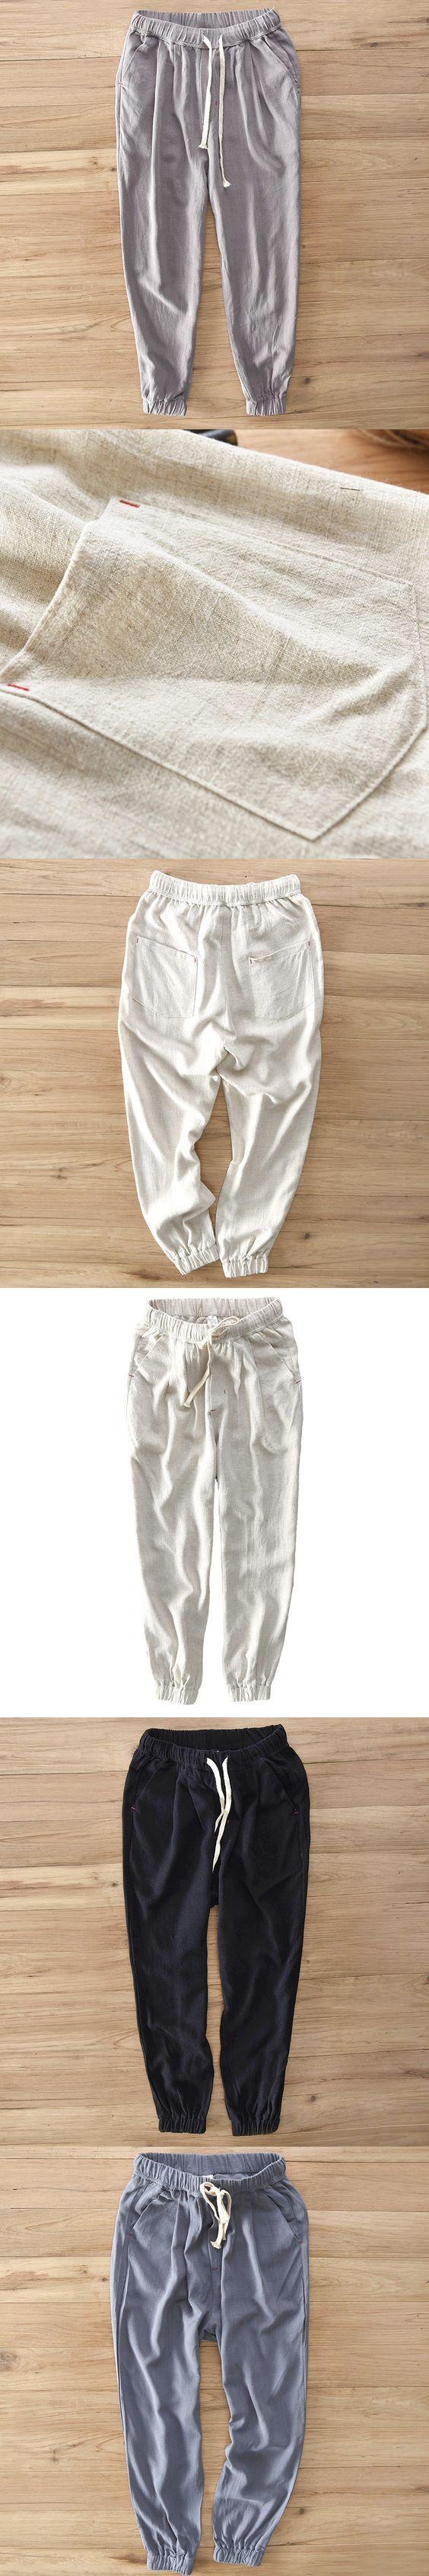 Plus Size S-5XL Men's Summer Casual Pants Cotton Linen Trousers White Elastic Straight Pants Y284